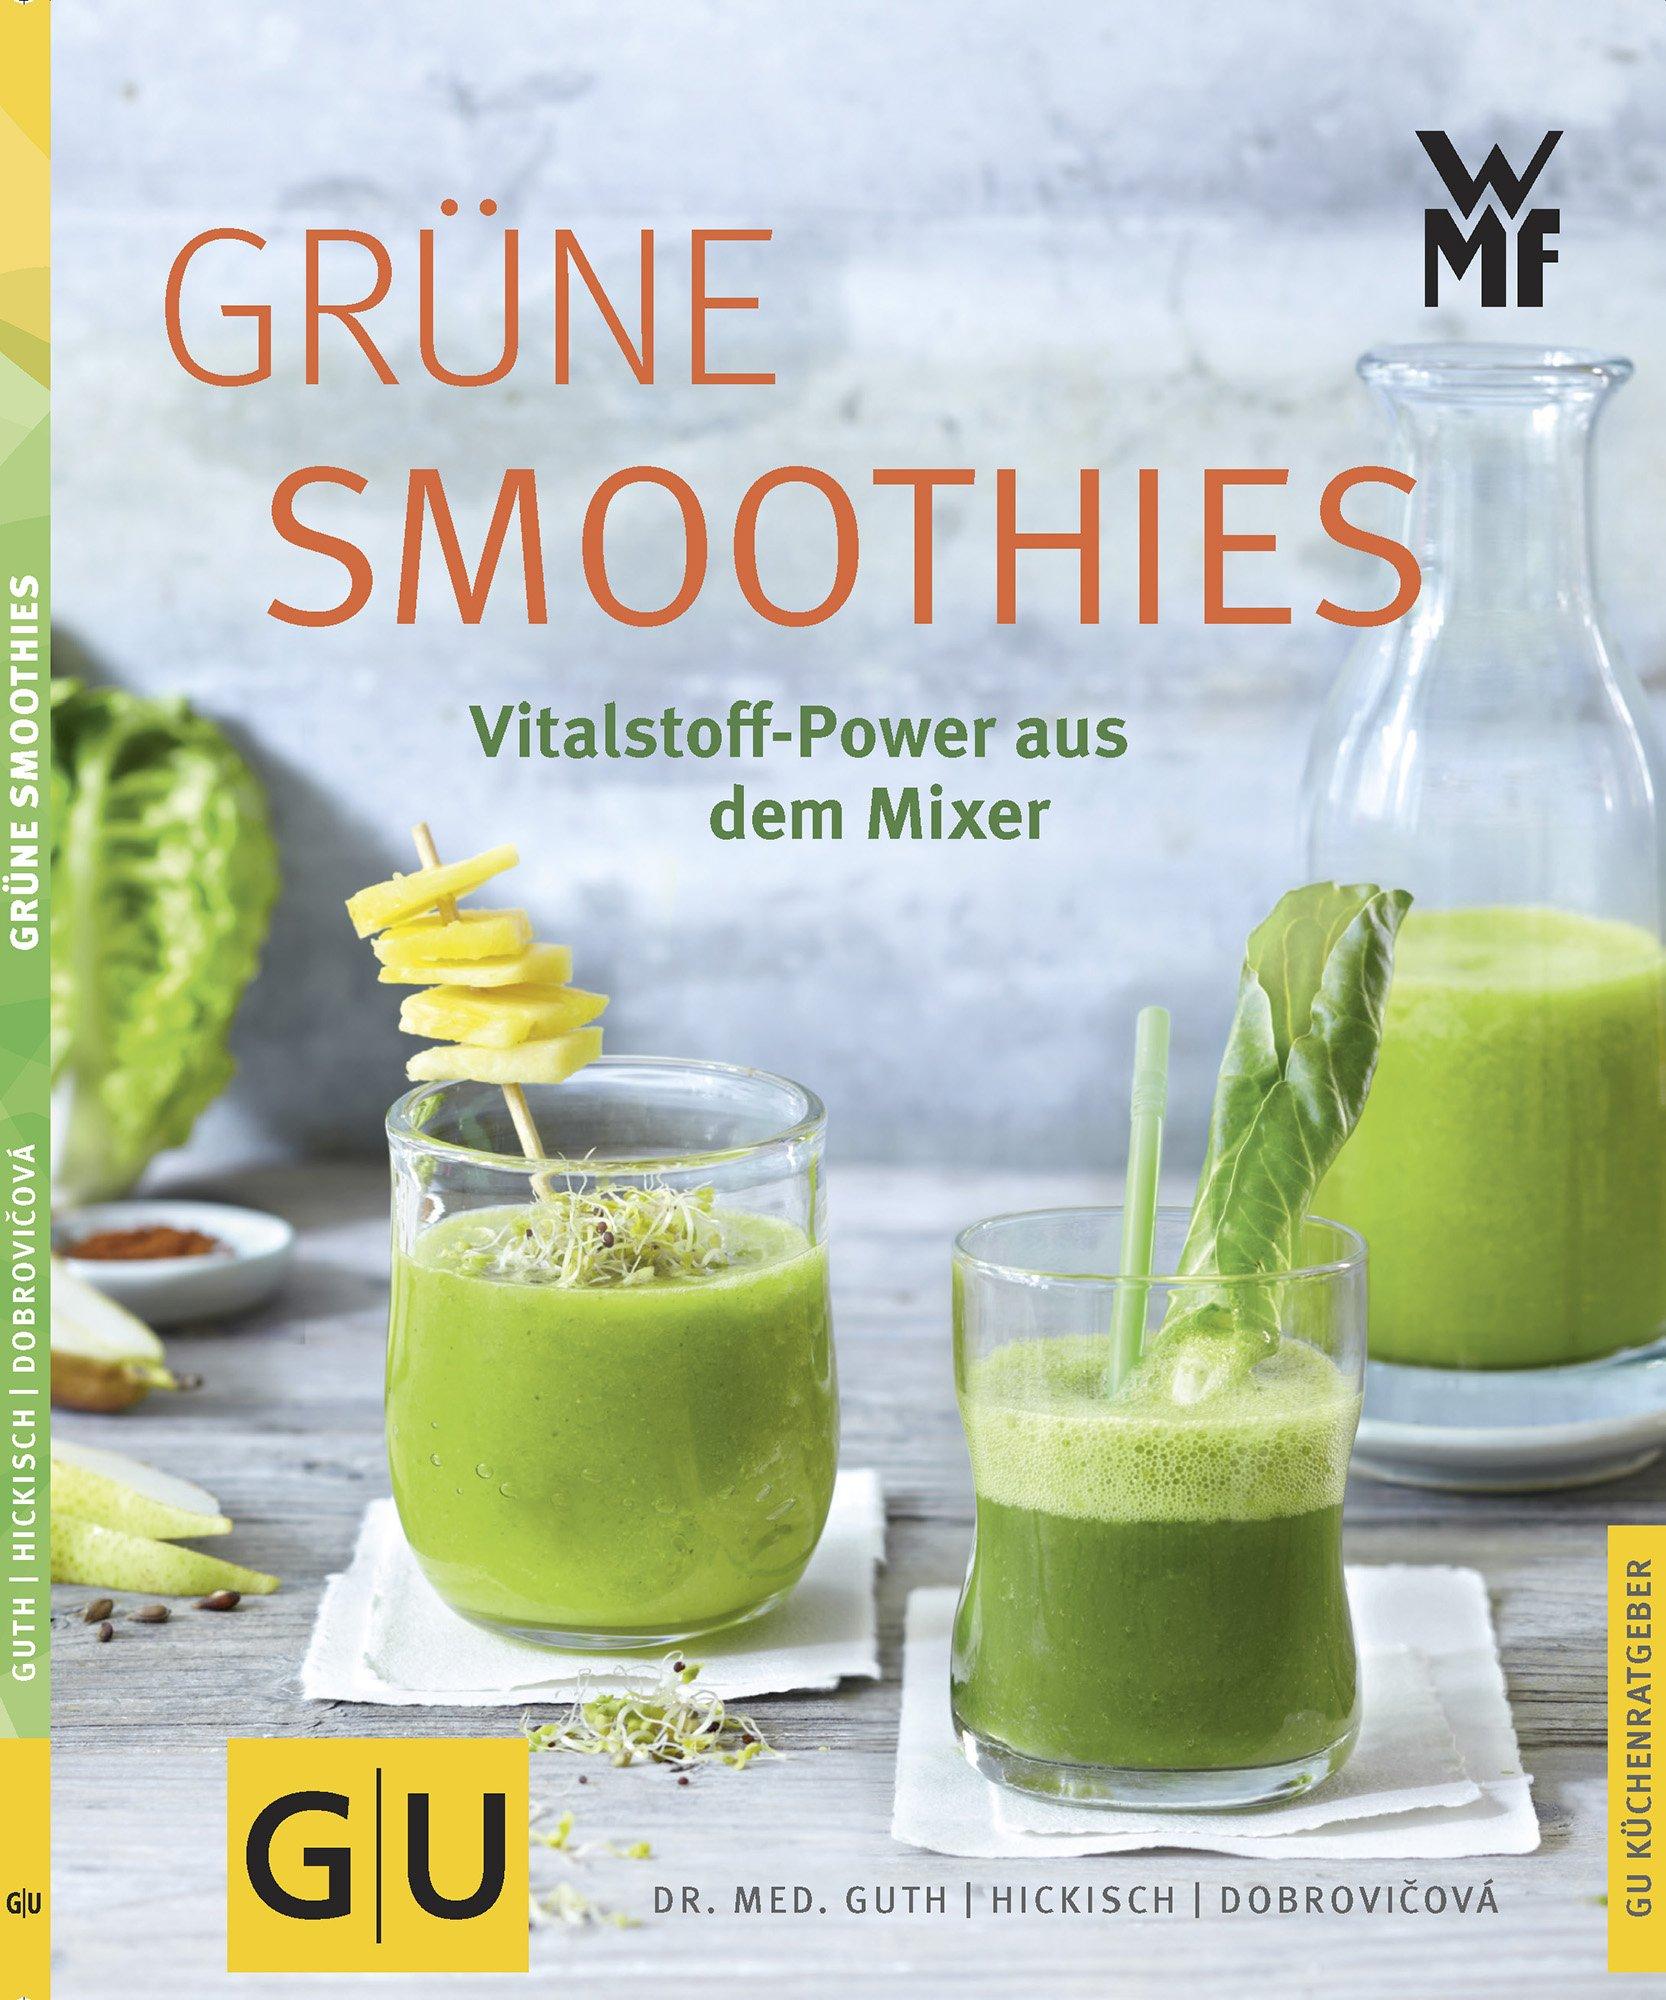 WMF-Kult-Pro-Power-Green-Smoothie-Standmixer-1600-W-33000-Umin-2-l-Behlter-3-Prorgamme-fr-Smoothies-Eis-und-Soen-cromargan-mattsilber